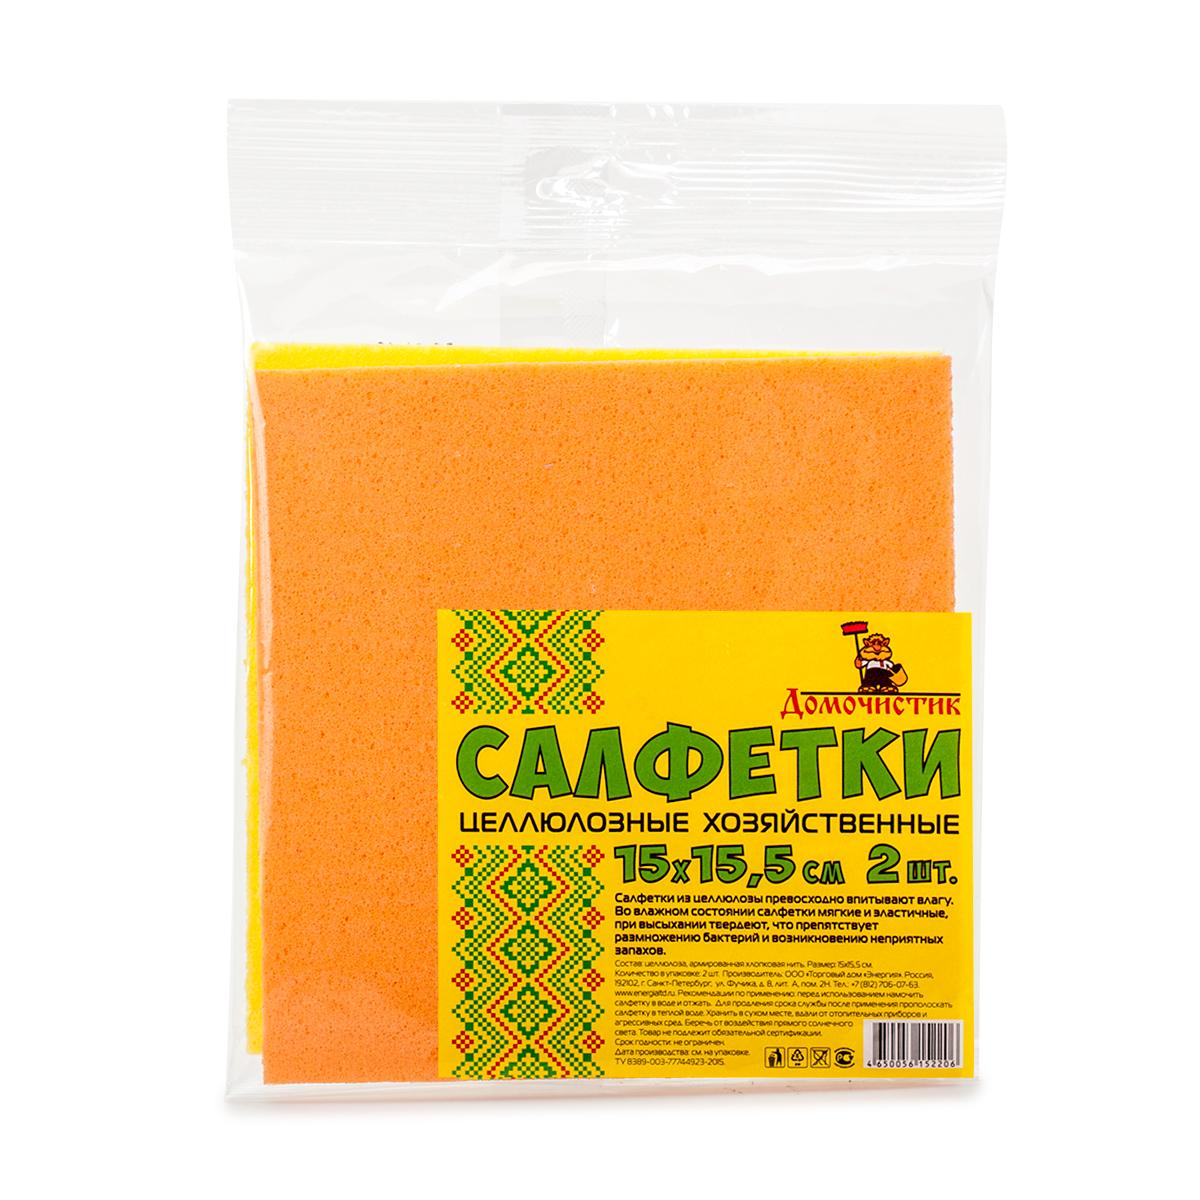 Салфетка для уборки Домочистик из целлюлозы, 15 x 15,5 см, 2 шт13009Салфетки для уборки Домочистик выполнены из целлюлозы. Они превосходно впитывают влагу. Во влажном состоянии изделия мягкие и эластичные, при высыхании твердеют, что препятствует размножению бактерий и возникновению неприятных запахов. Состав: целлюлоза, армированная хлопковая нить. Рекомендации по применению: Перед использованием намочить салфетку в воде и отжать. Для продления срока службы после применения прополоскать в теплой воде. Хранить в сухом месте, вдали отопительных приборов и агрессивных сред. Беречь от воздействия прямого солнечного света.